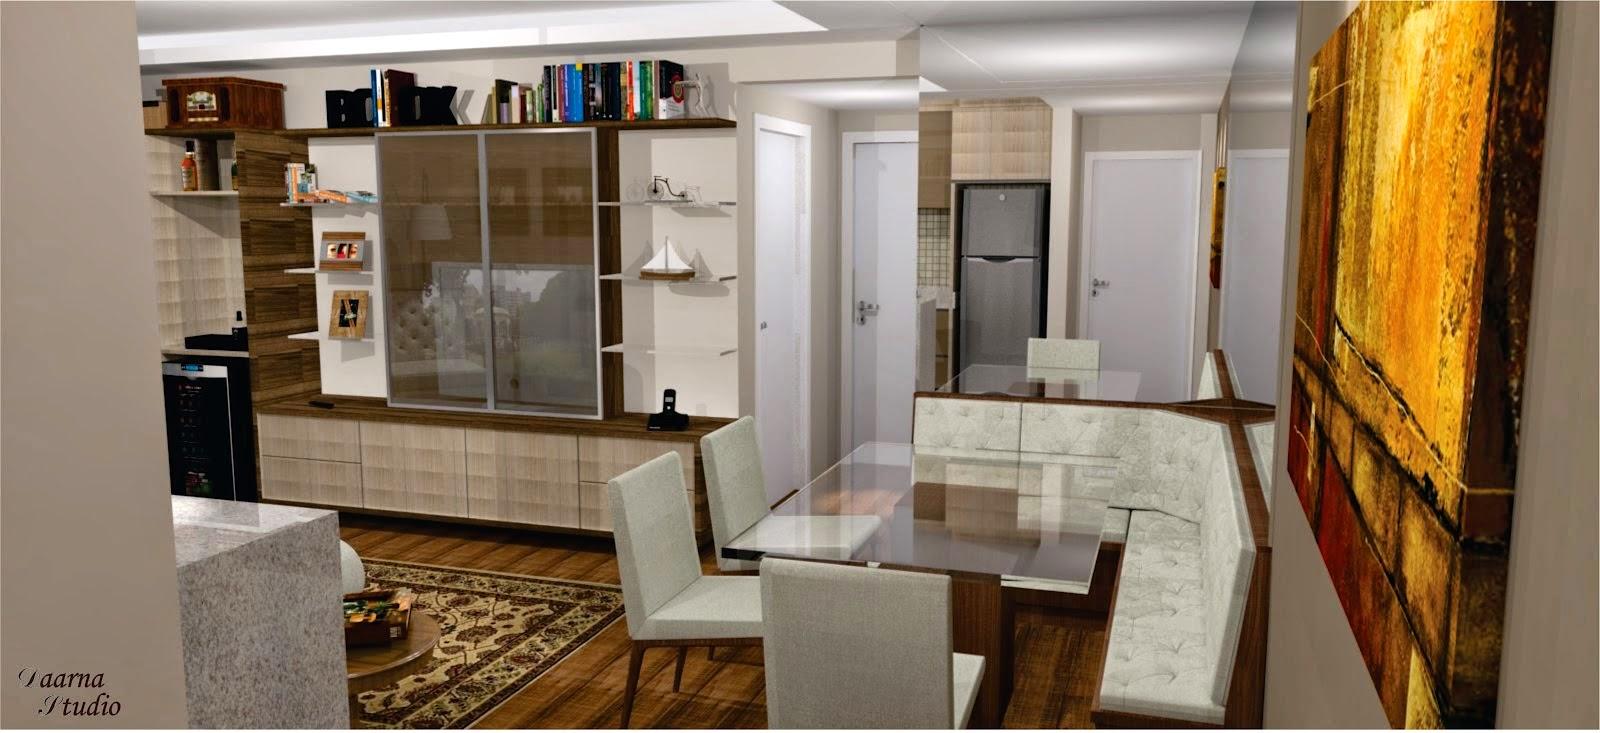 Construindo Minha Casa Clean Canto Alem O Moderno Na Decora O  -> Sala De Jantar Estilo Alemao